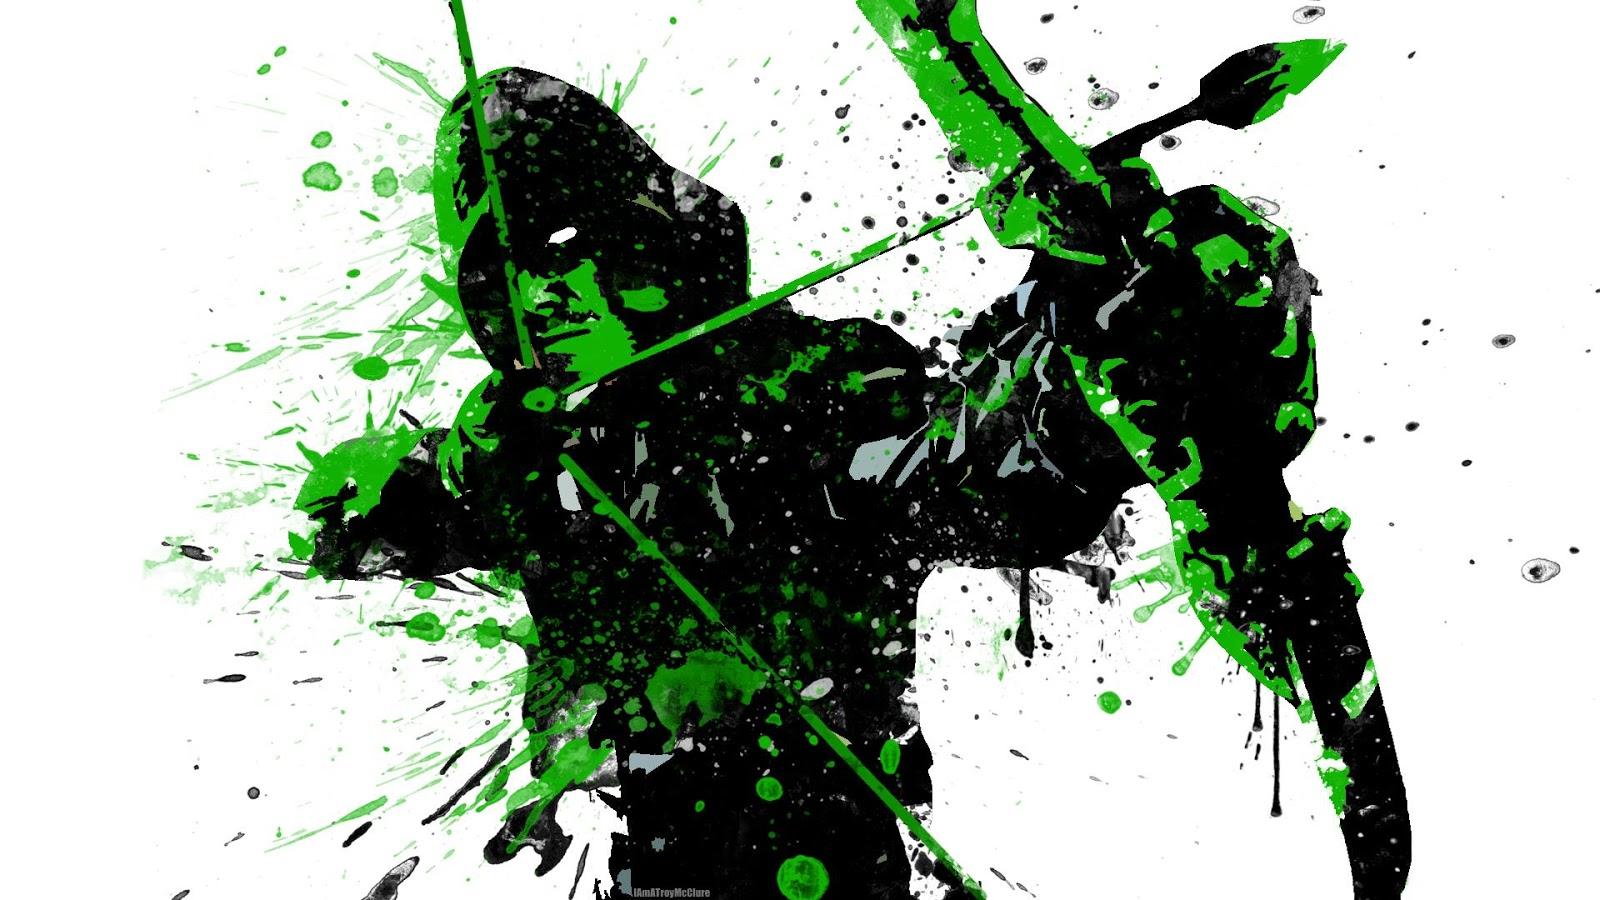 Hd wallpaper superhero - Superhero Wallpapers Screenshot